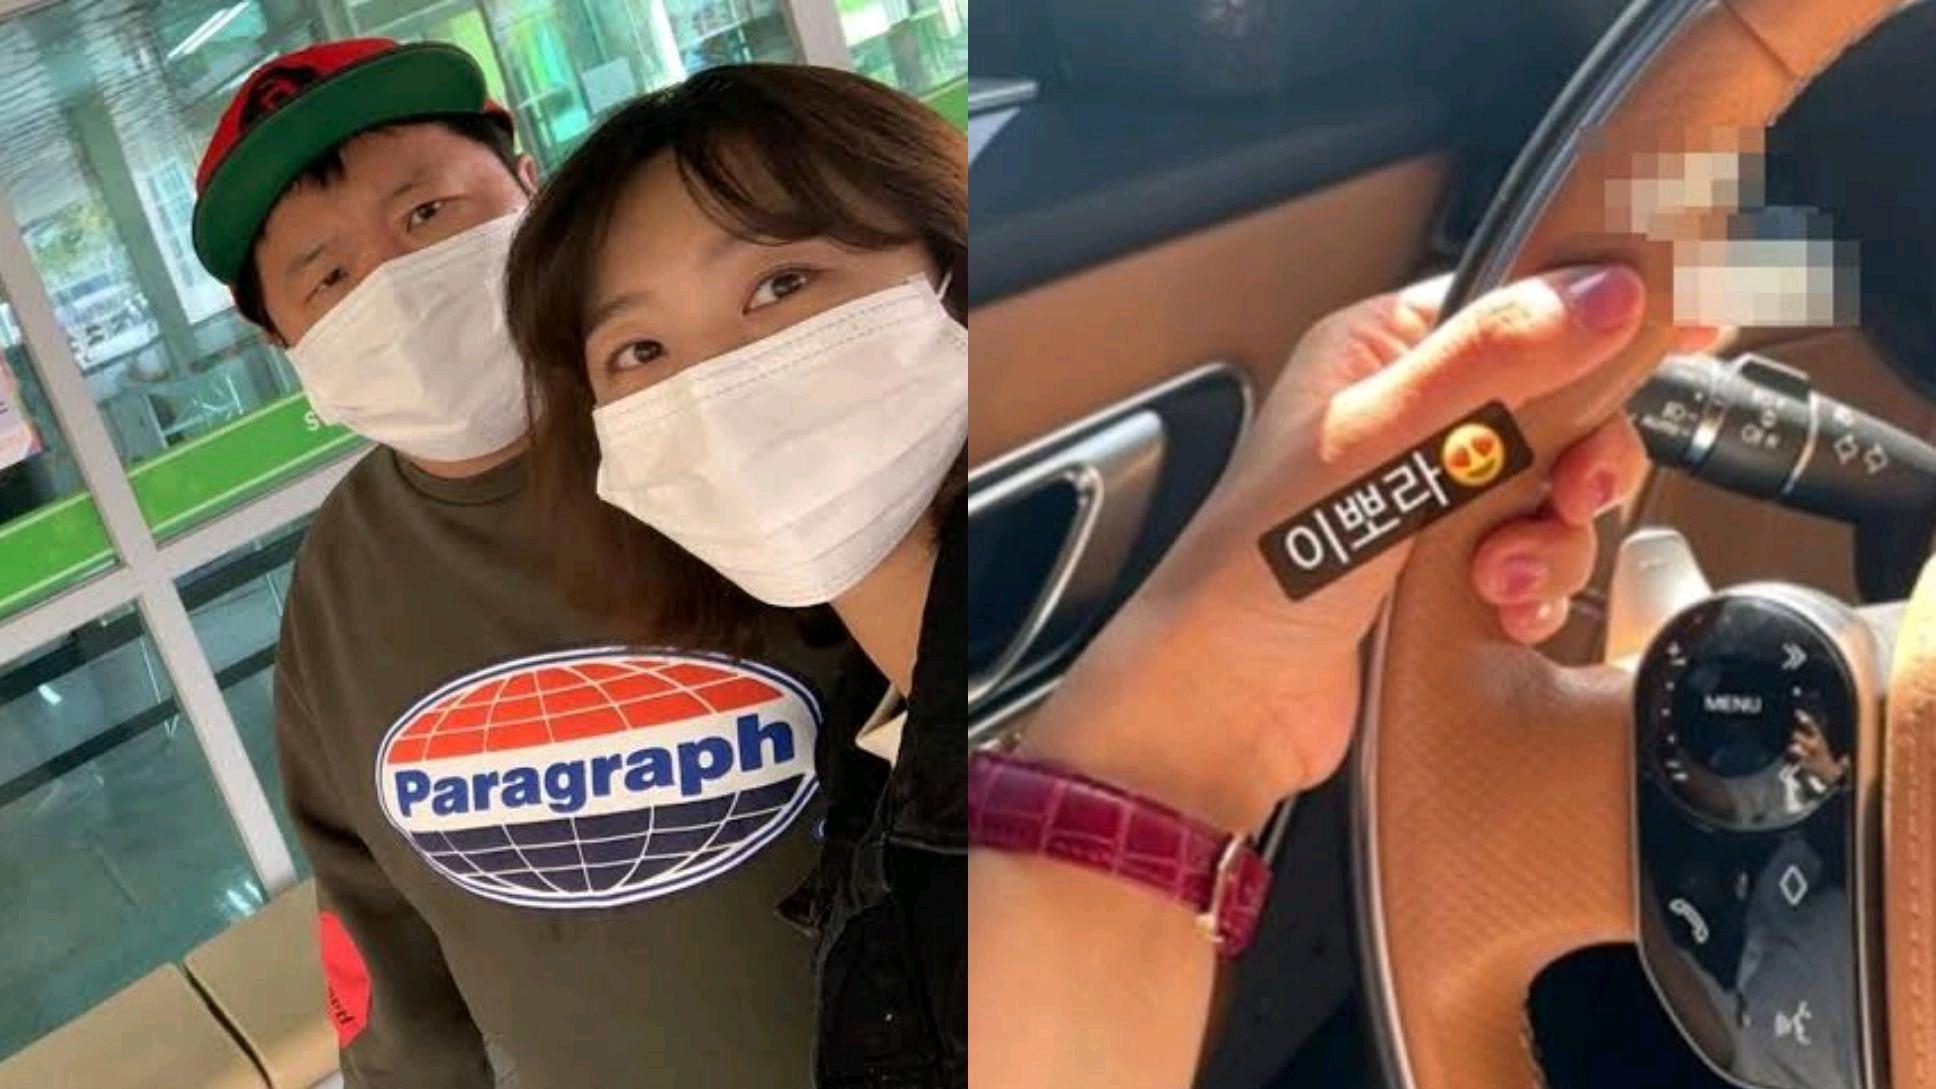 郑亨敦妻子ins突然炫富,开1亿进口车吃美食被超千韩国网友表态